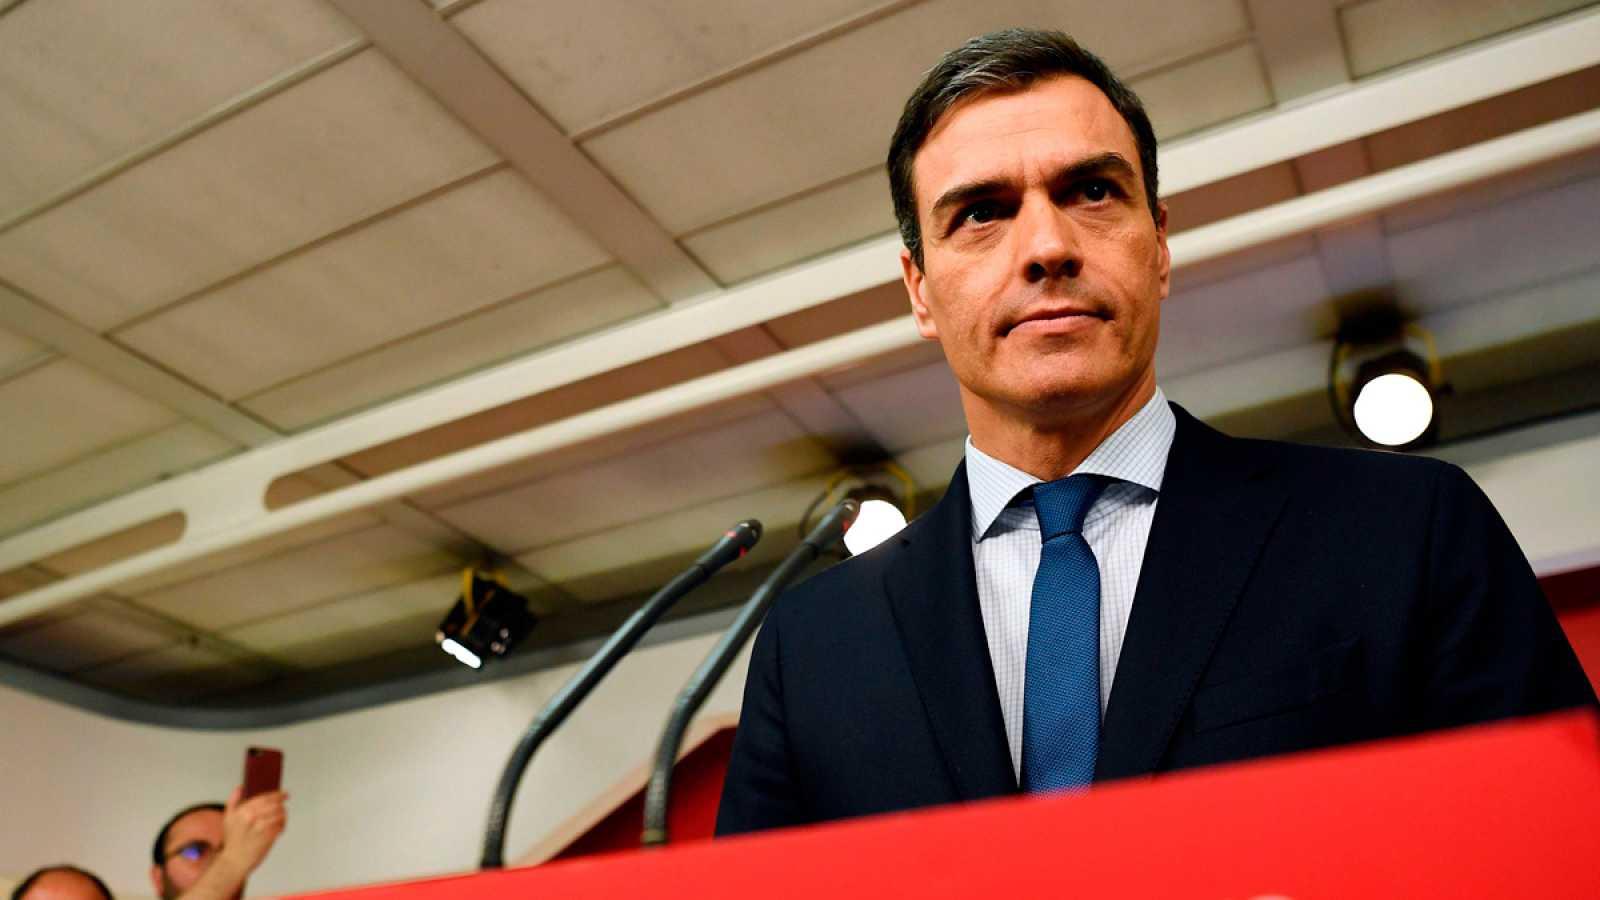 """Sánchez presenta su moción de censura para """"recuperar la normalidad institucional"""" y convocar elecciones """"cuanto antes"""""""